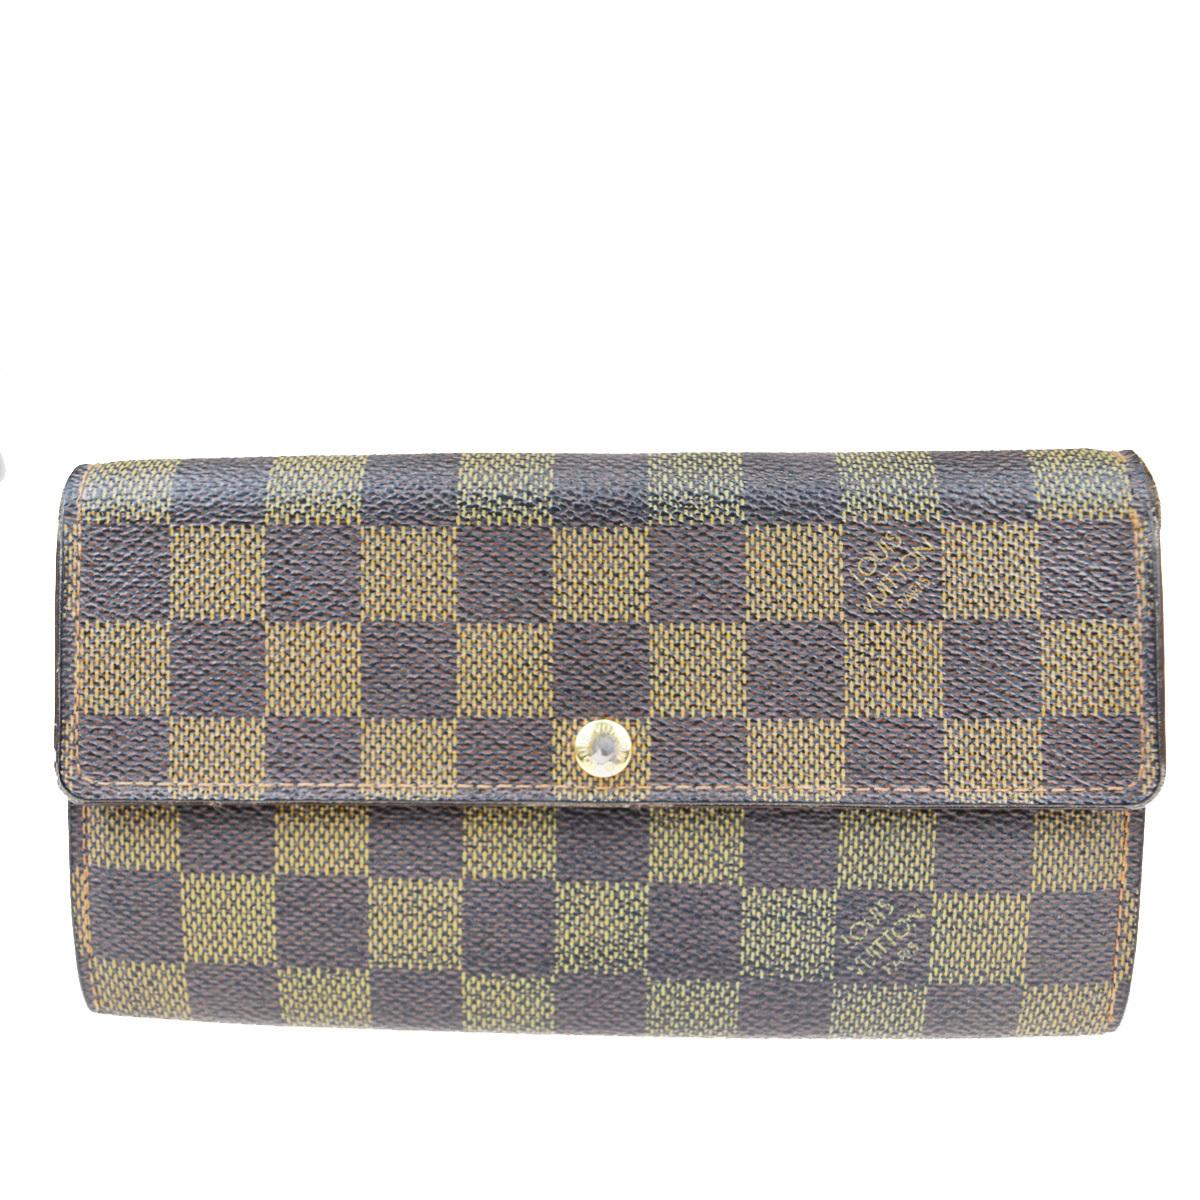 【中古】 ルイ・ヴィトン(Louis Vuitton) ダミエ ポルトフォイユ サラ N61734 レザー 長財布(二つ折り) ブラウン 02FA853